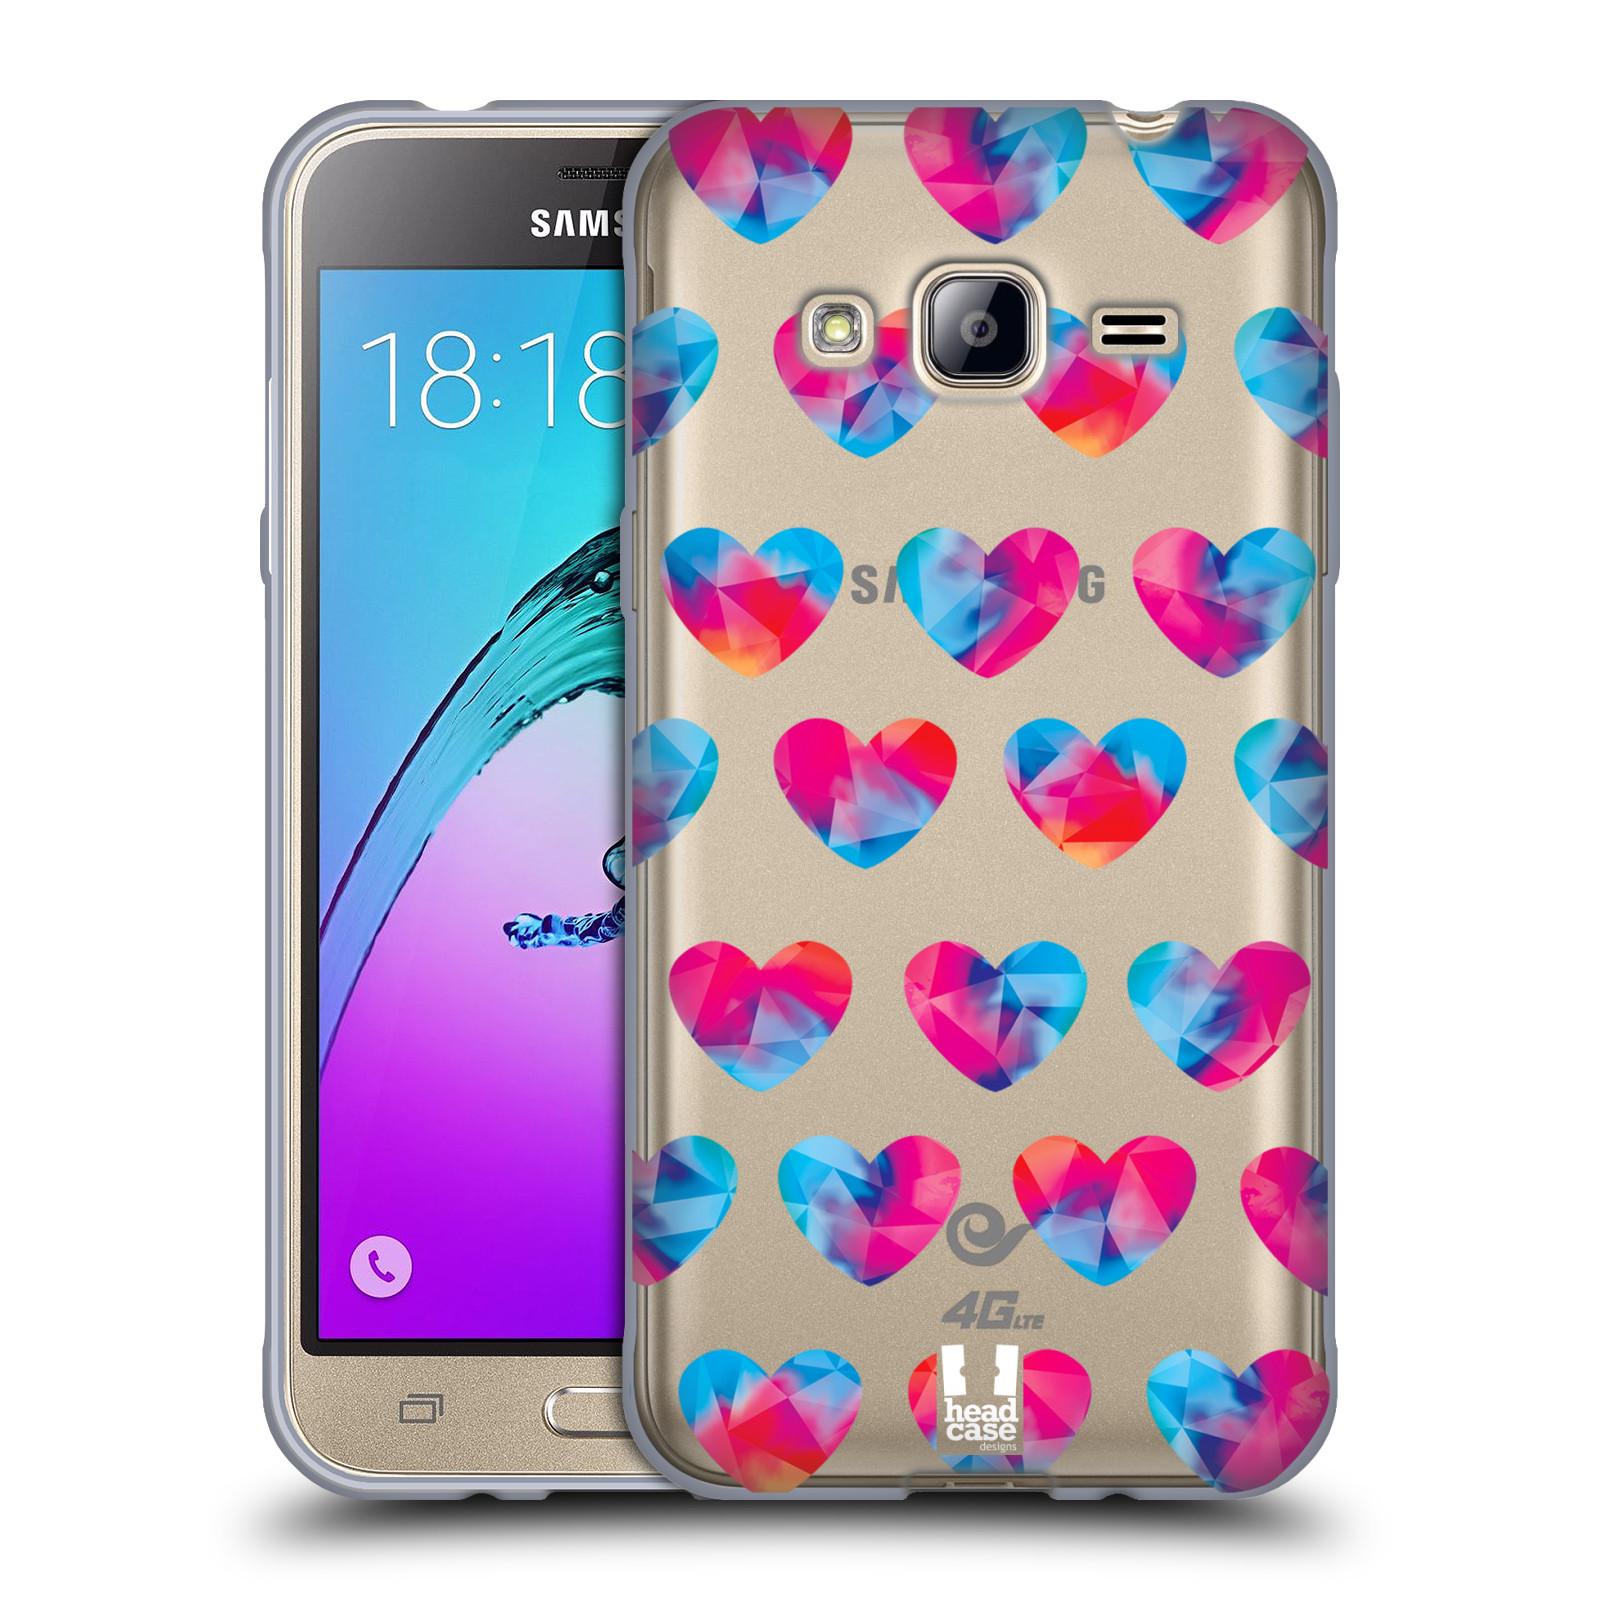 Silikonové pouzdro na mobil Samsung Galaxy J3 (2016) - Head Case - Srdíčka hrající barvami